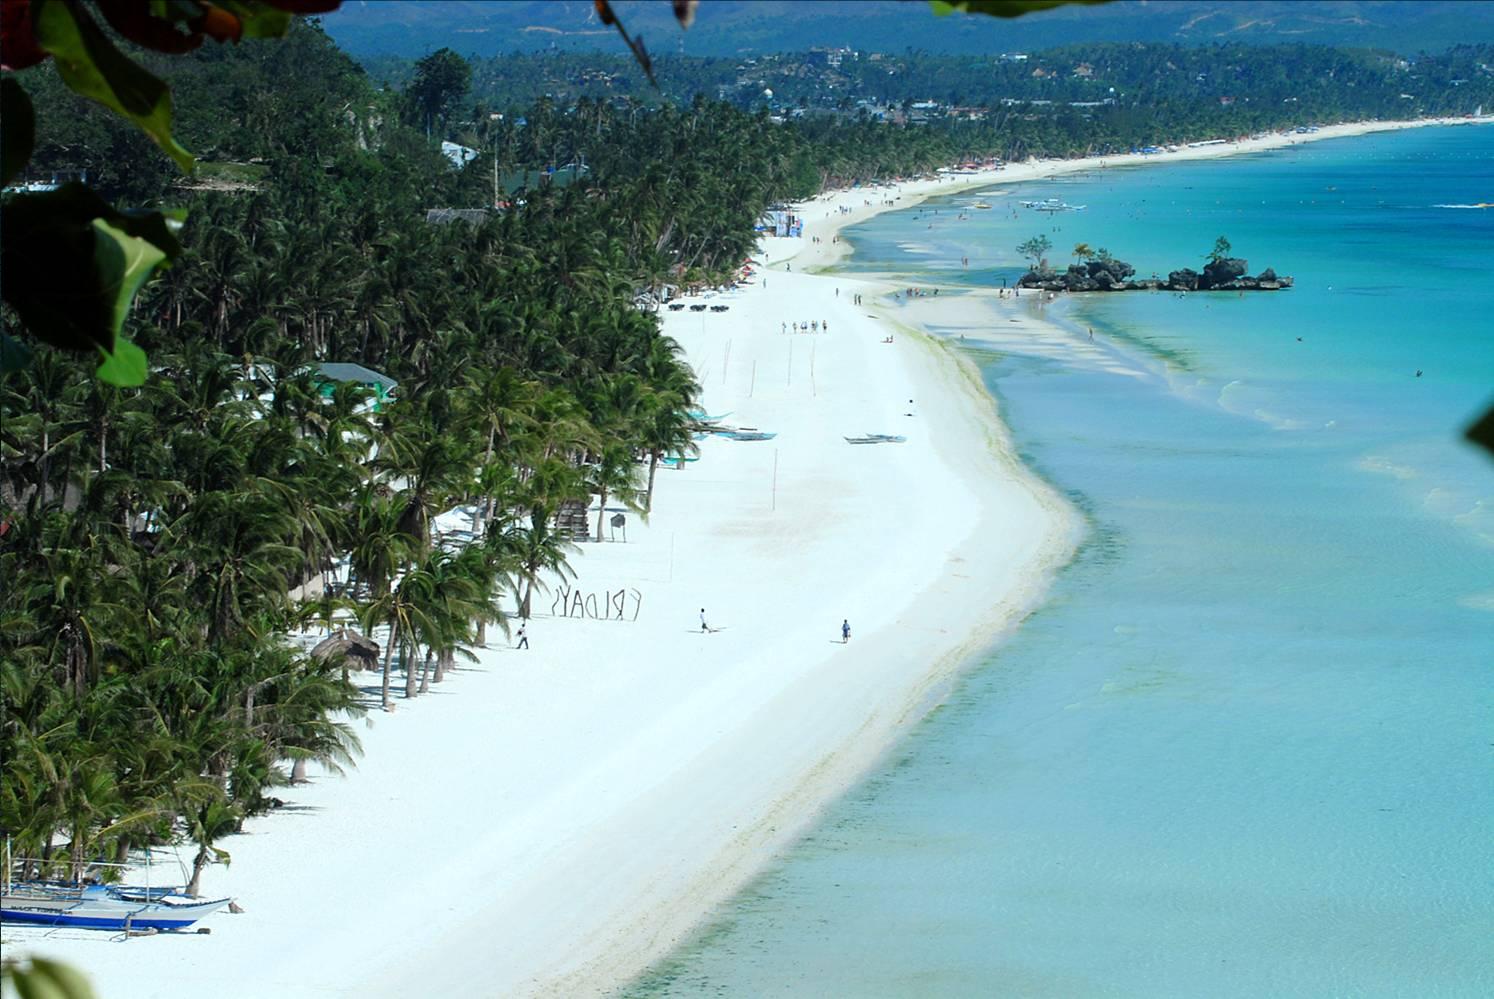 http://1.bp.blogspot.com/-yymcrL2-6UE/UCDgF4Y6AEI/AAAAAAAABrY/vmNQwkbPAKc/s1600/boracay-beach-philippines.jpg